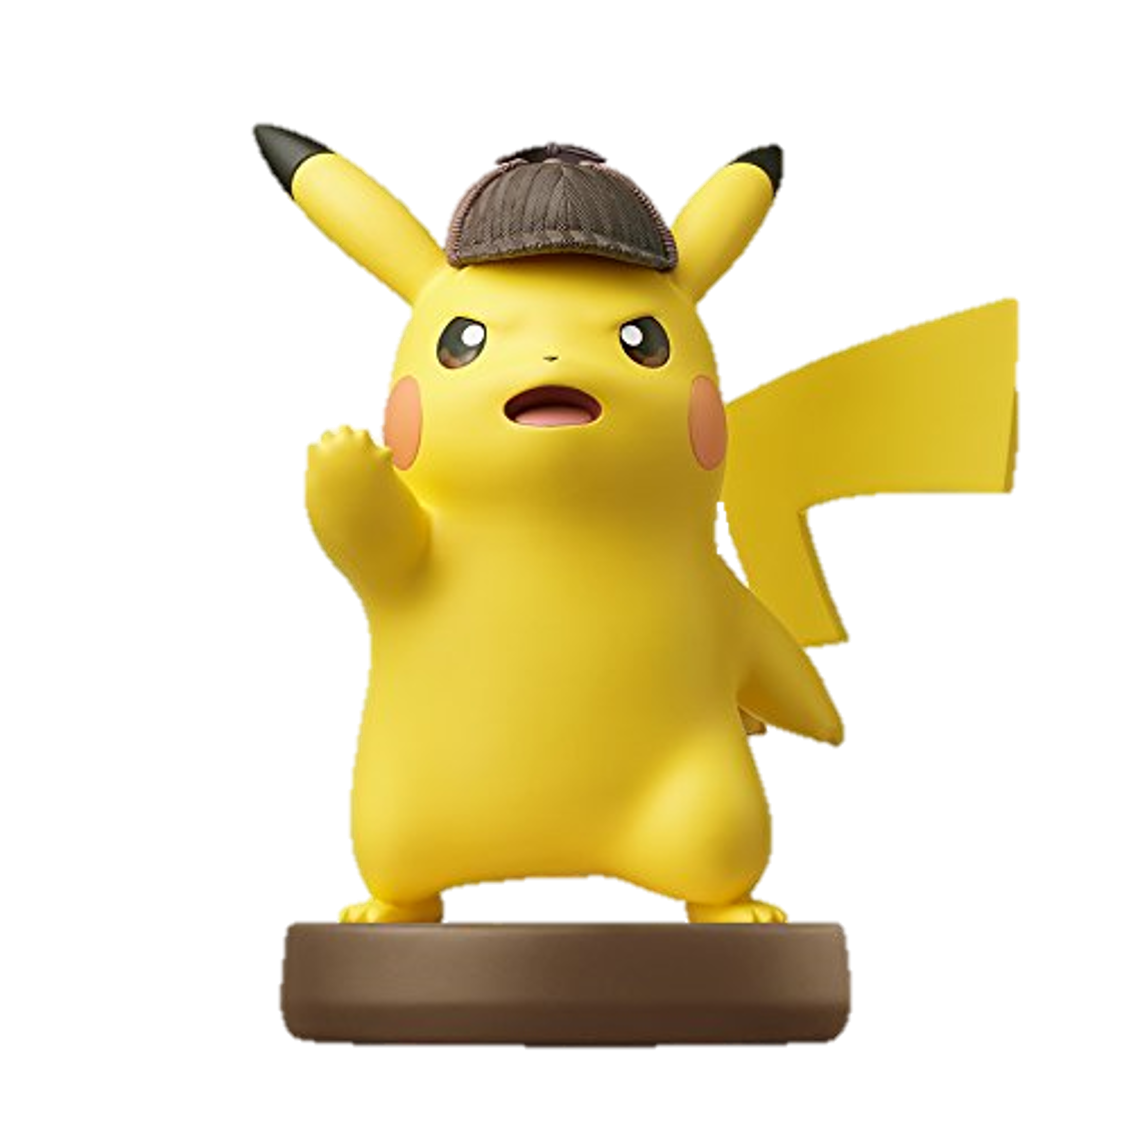 Pikachu Pokémon Wiki Fandom Powered By Wikia 2432520 Ejobnetinfo